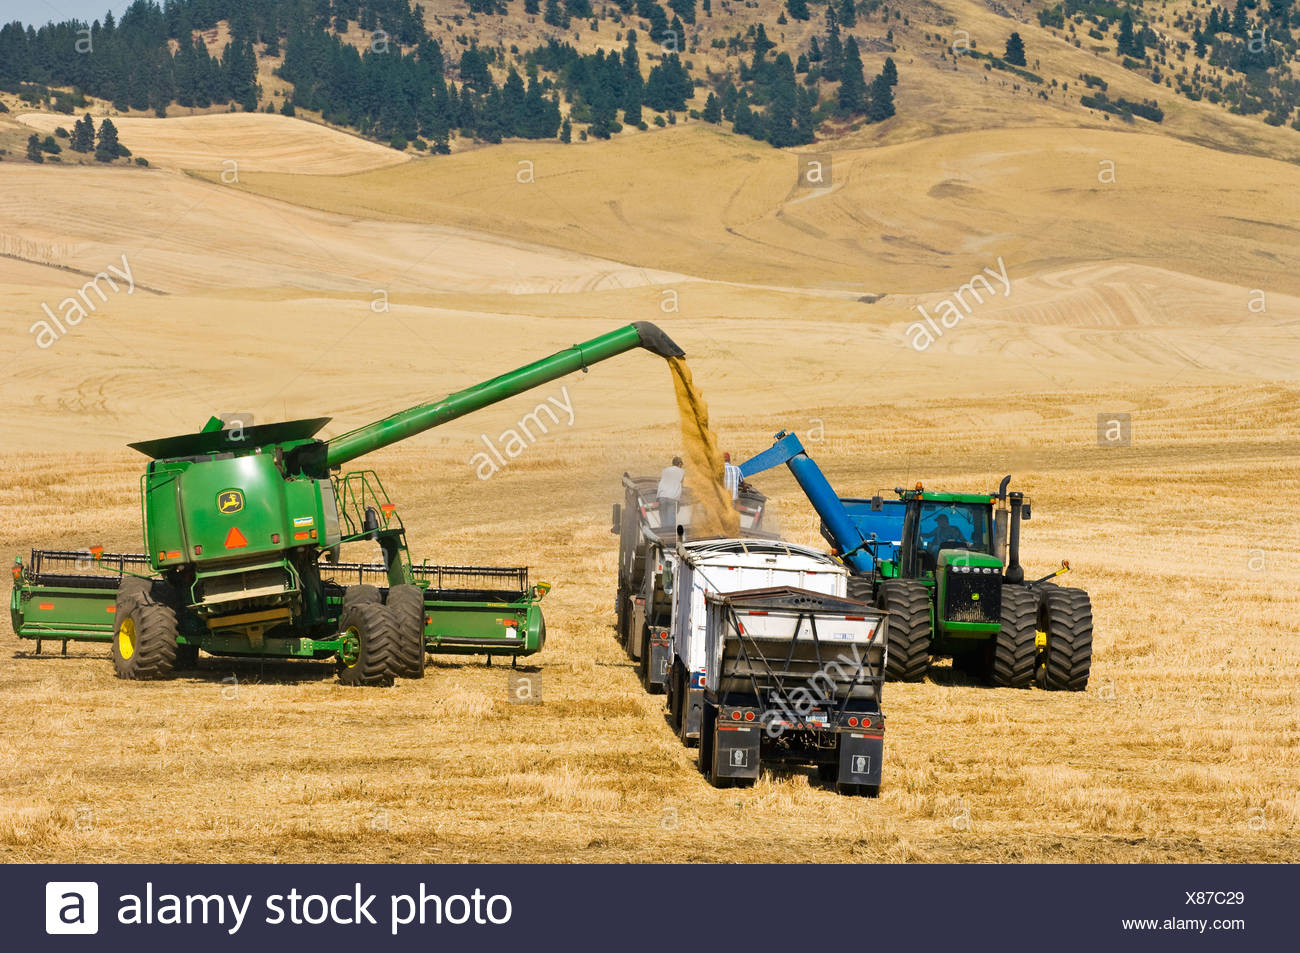 Ein Mähdrescher und Getreide Wagen entladen frisch geernteten weichen weißen Weizen in einen Korn-LKW für den Transport zu einem Getreidesilo / USA. Stockbild